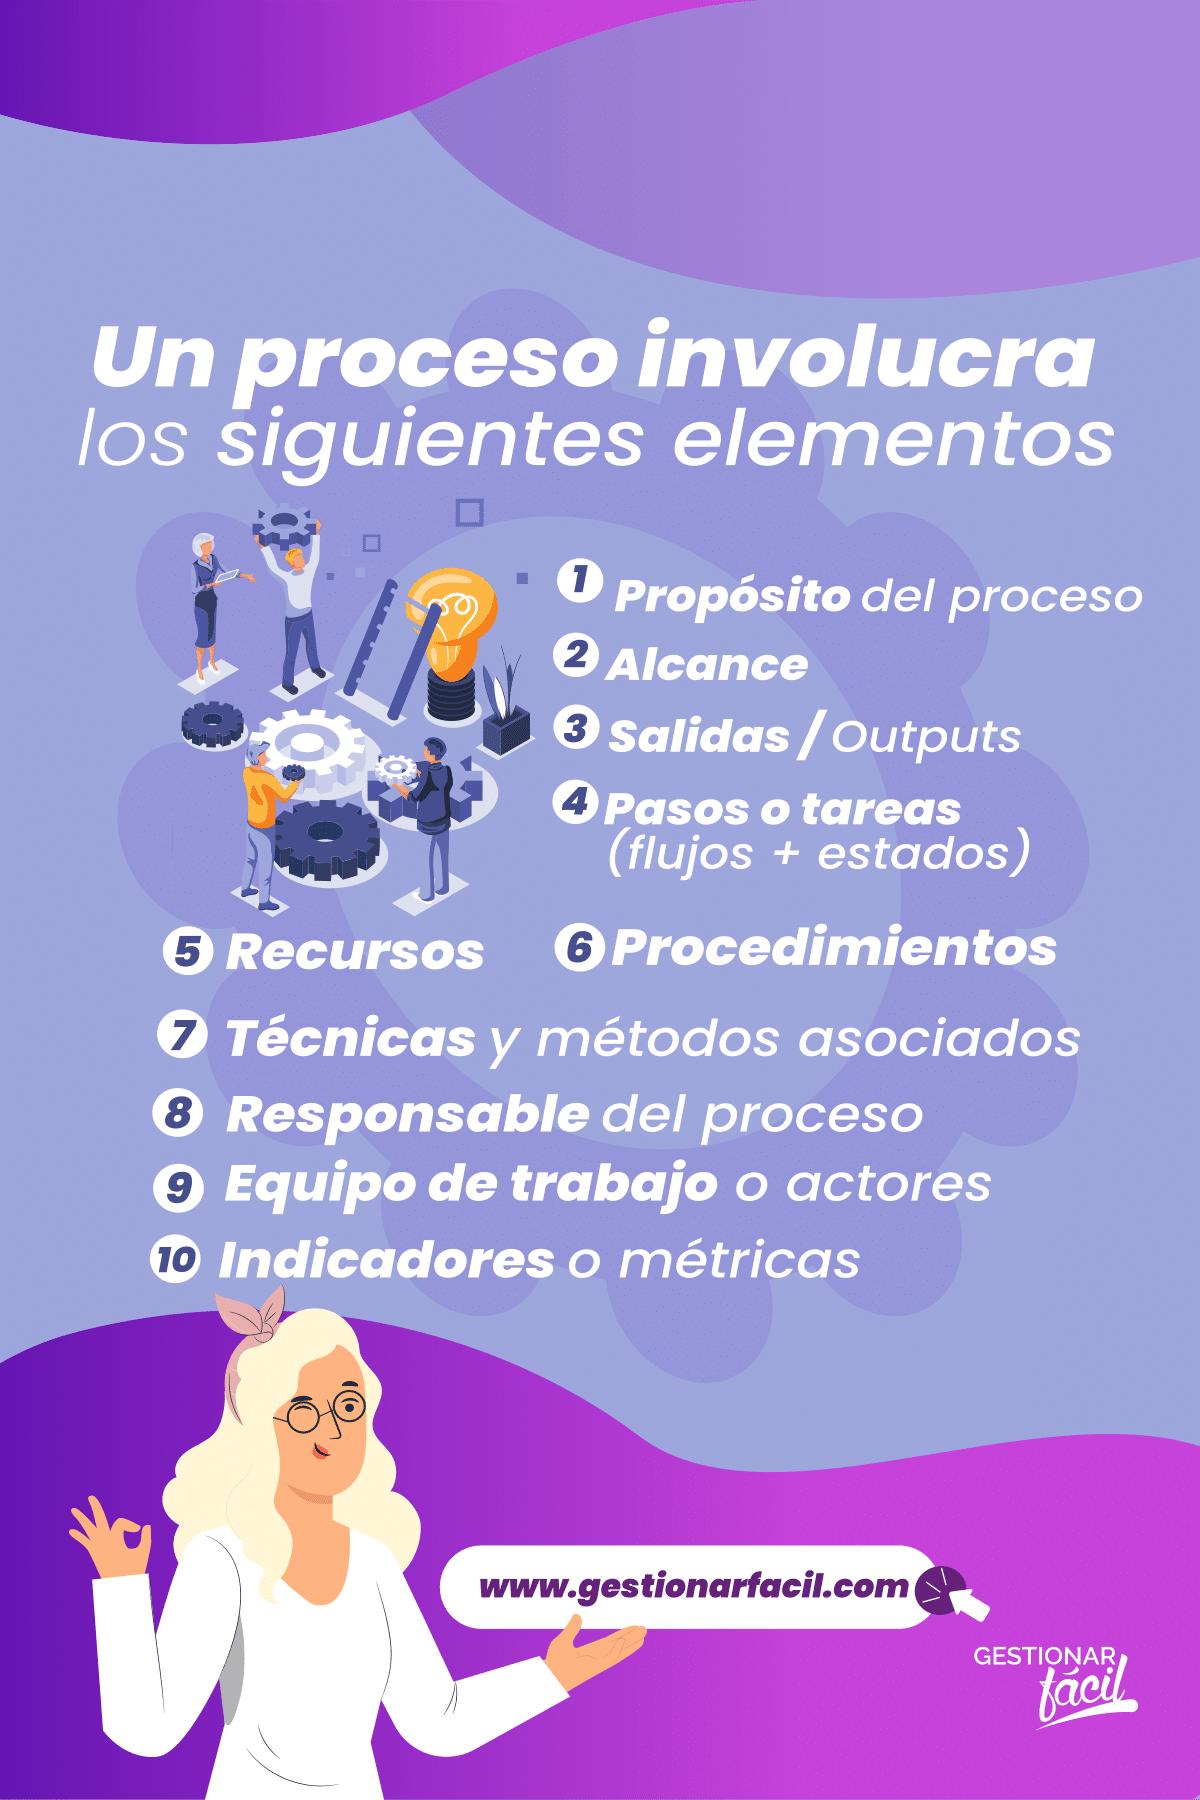 Elementos que incluye un proceso